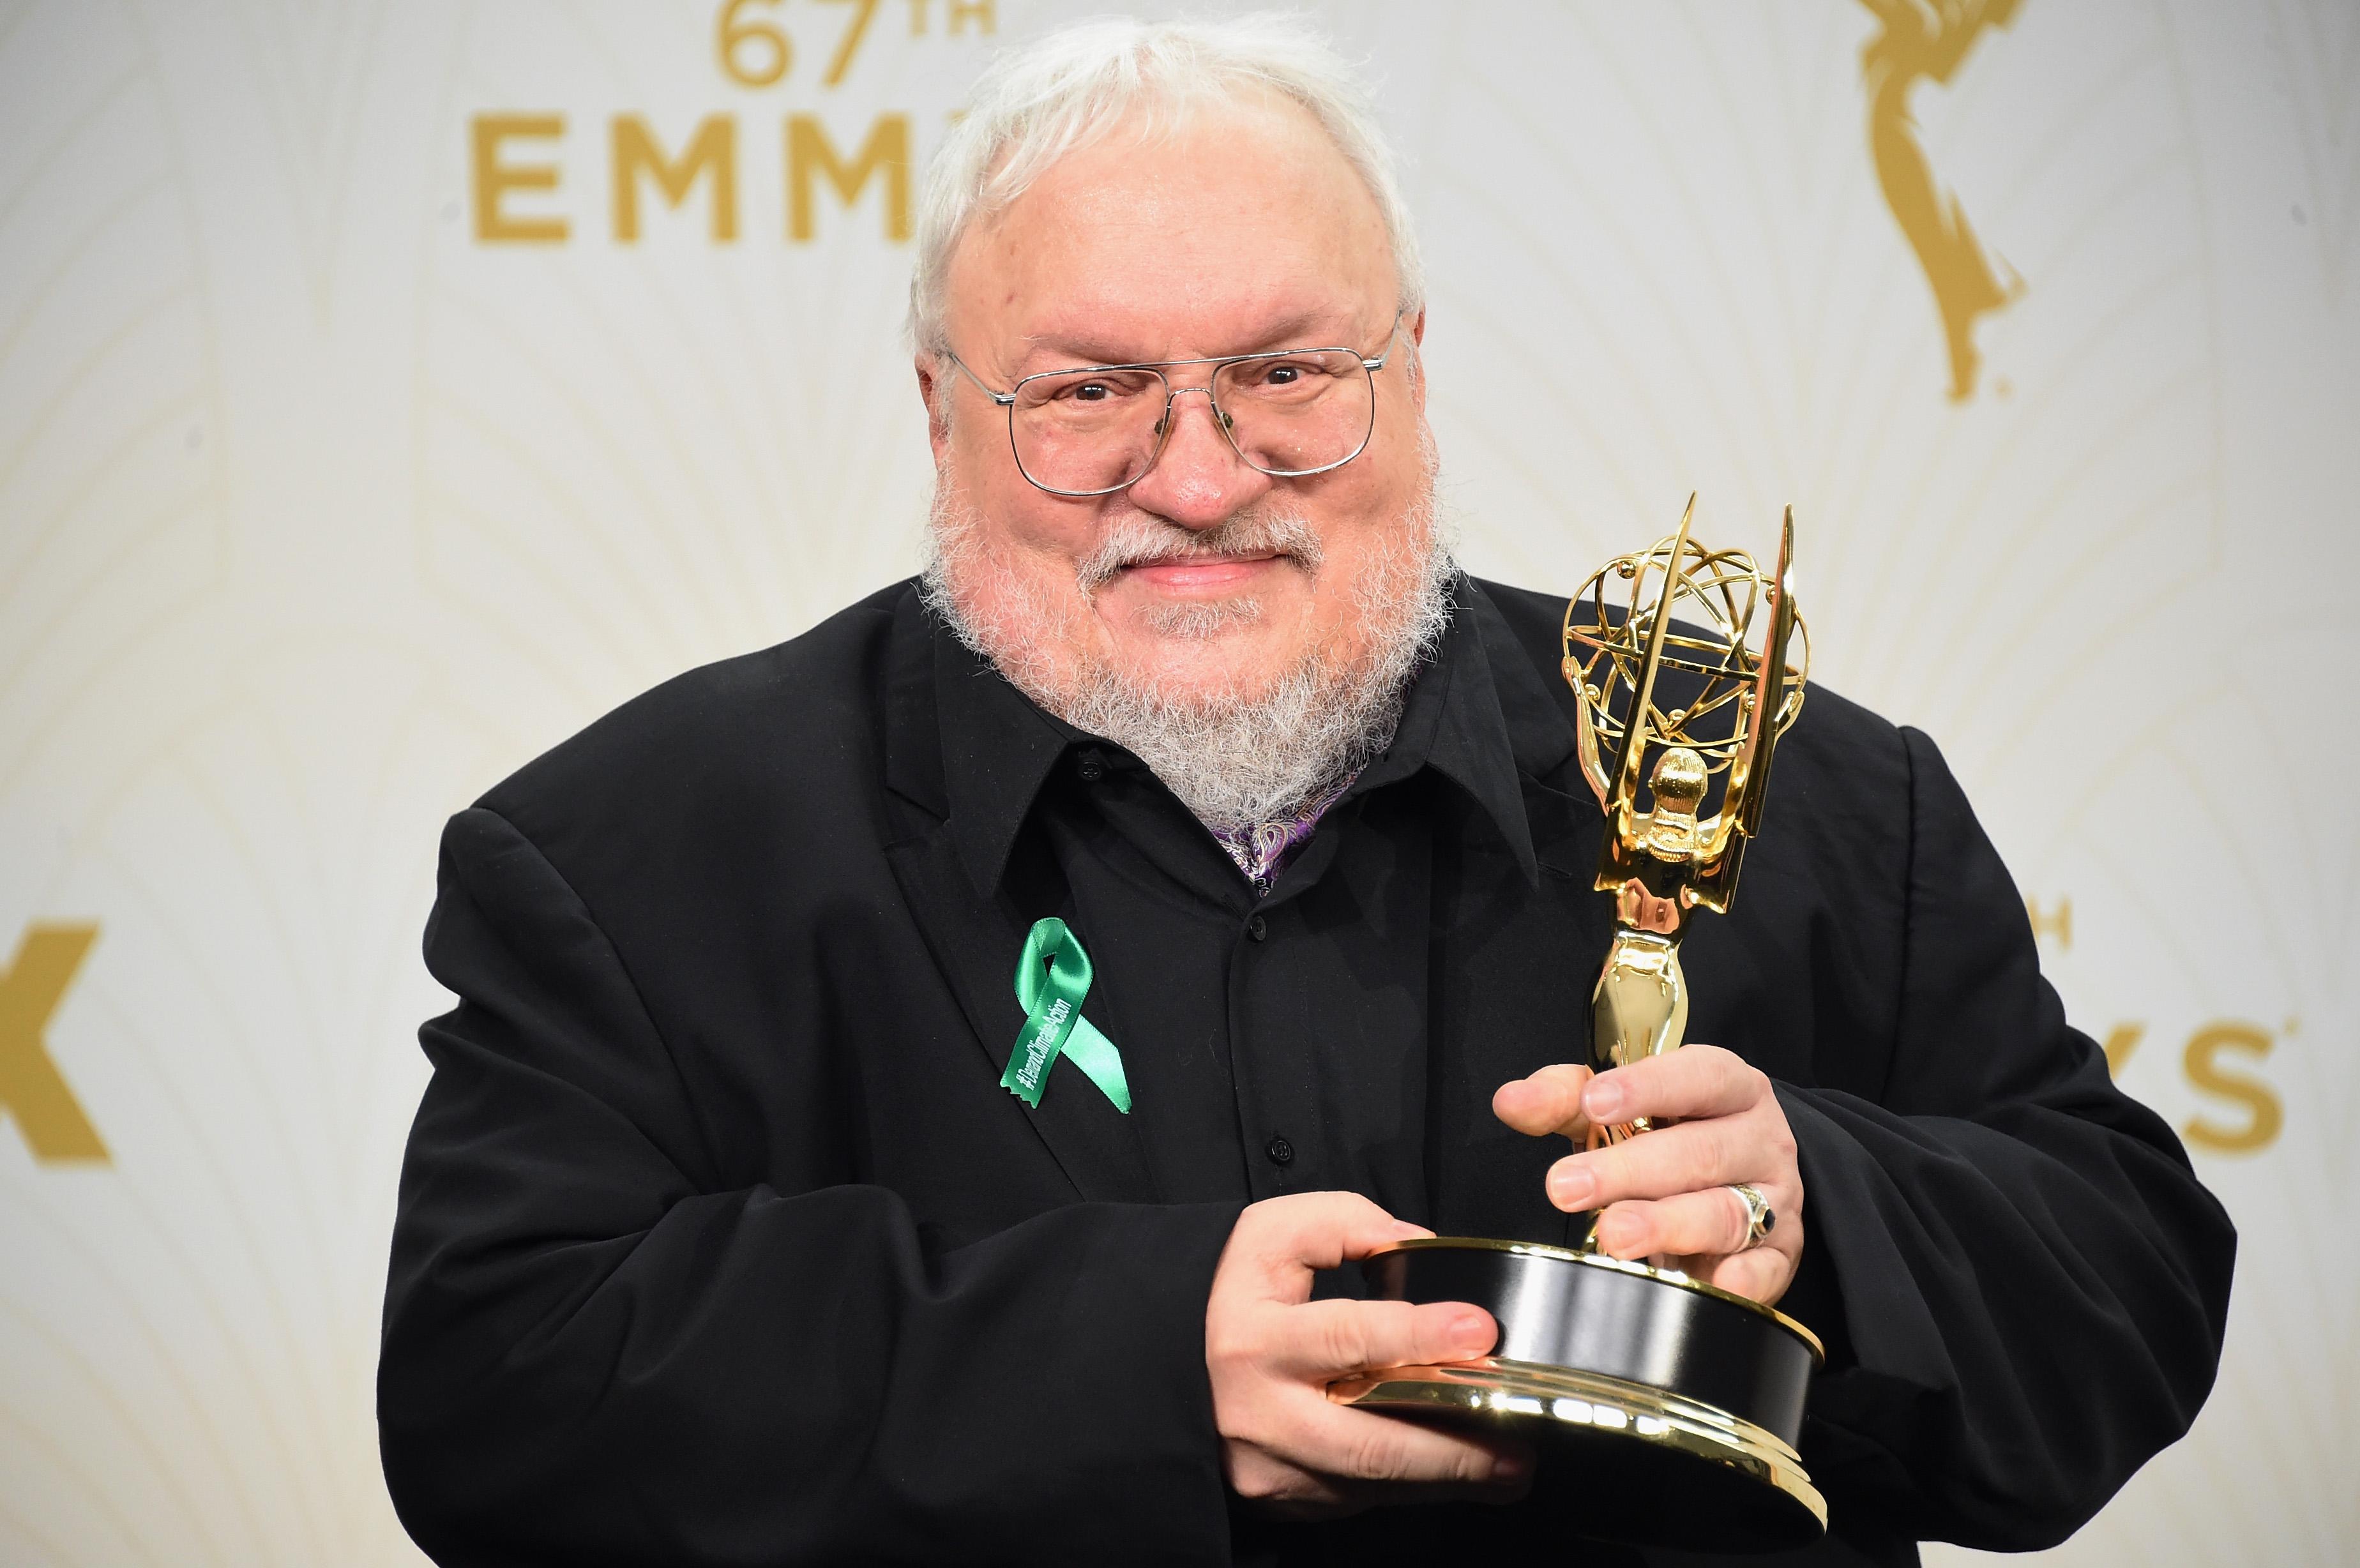 El escritor George R. R. Martin, es la mente maestra detrás del mundo de Game of Thrones. (Foto Prensa Libre: AFP)